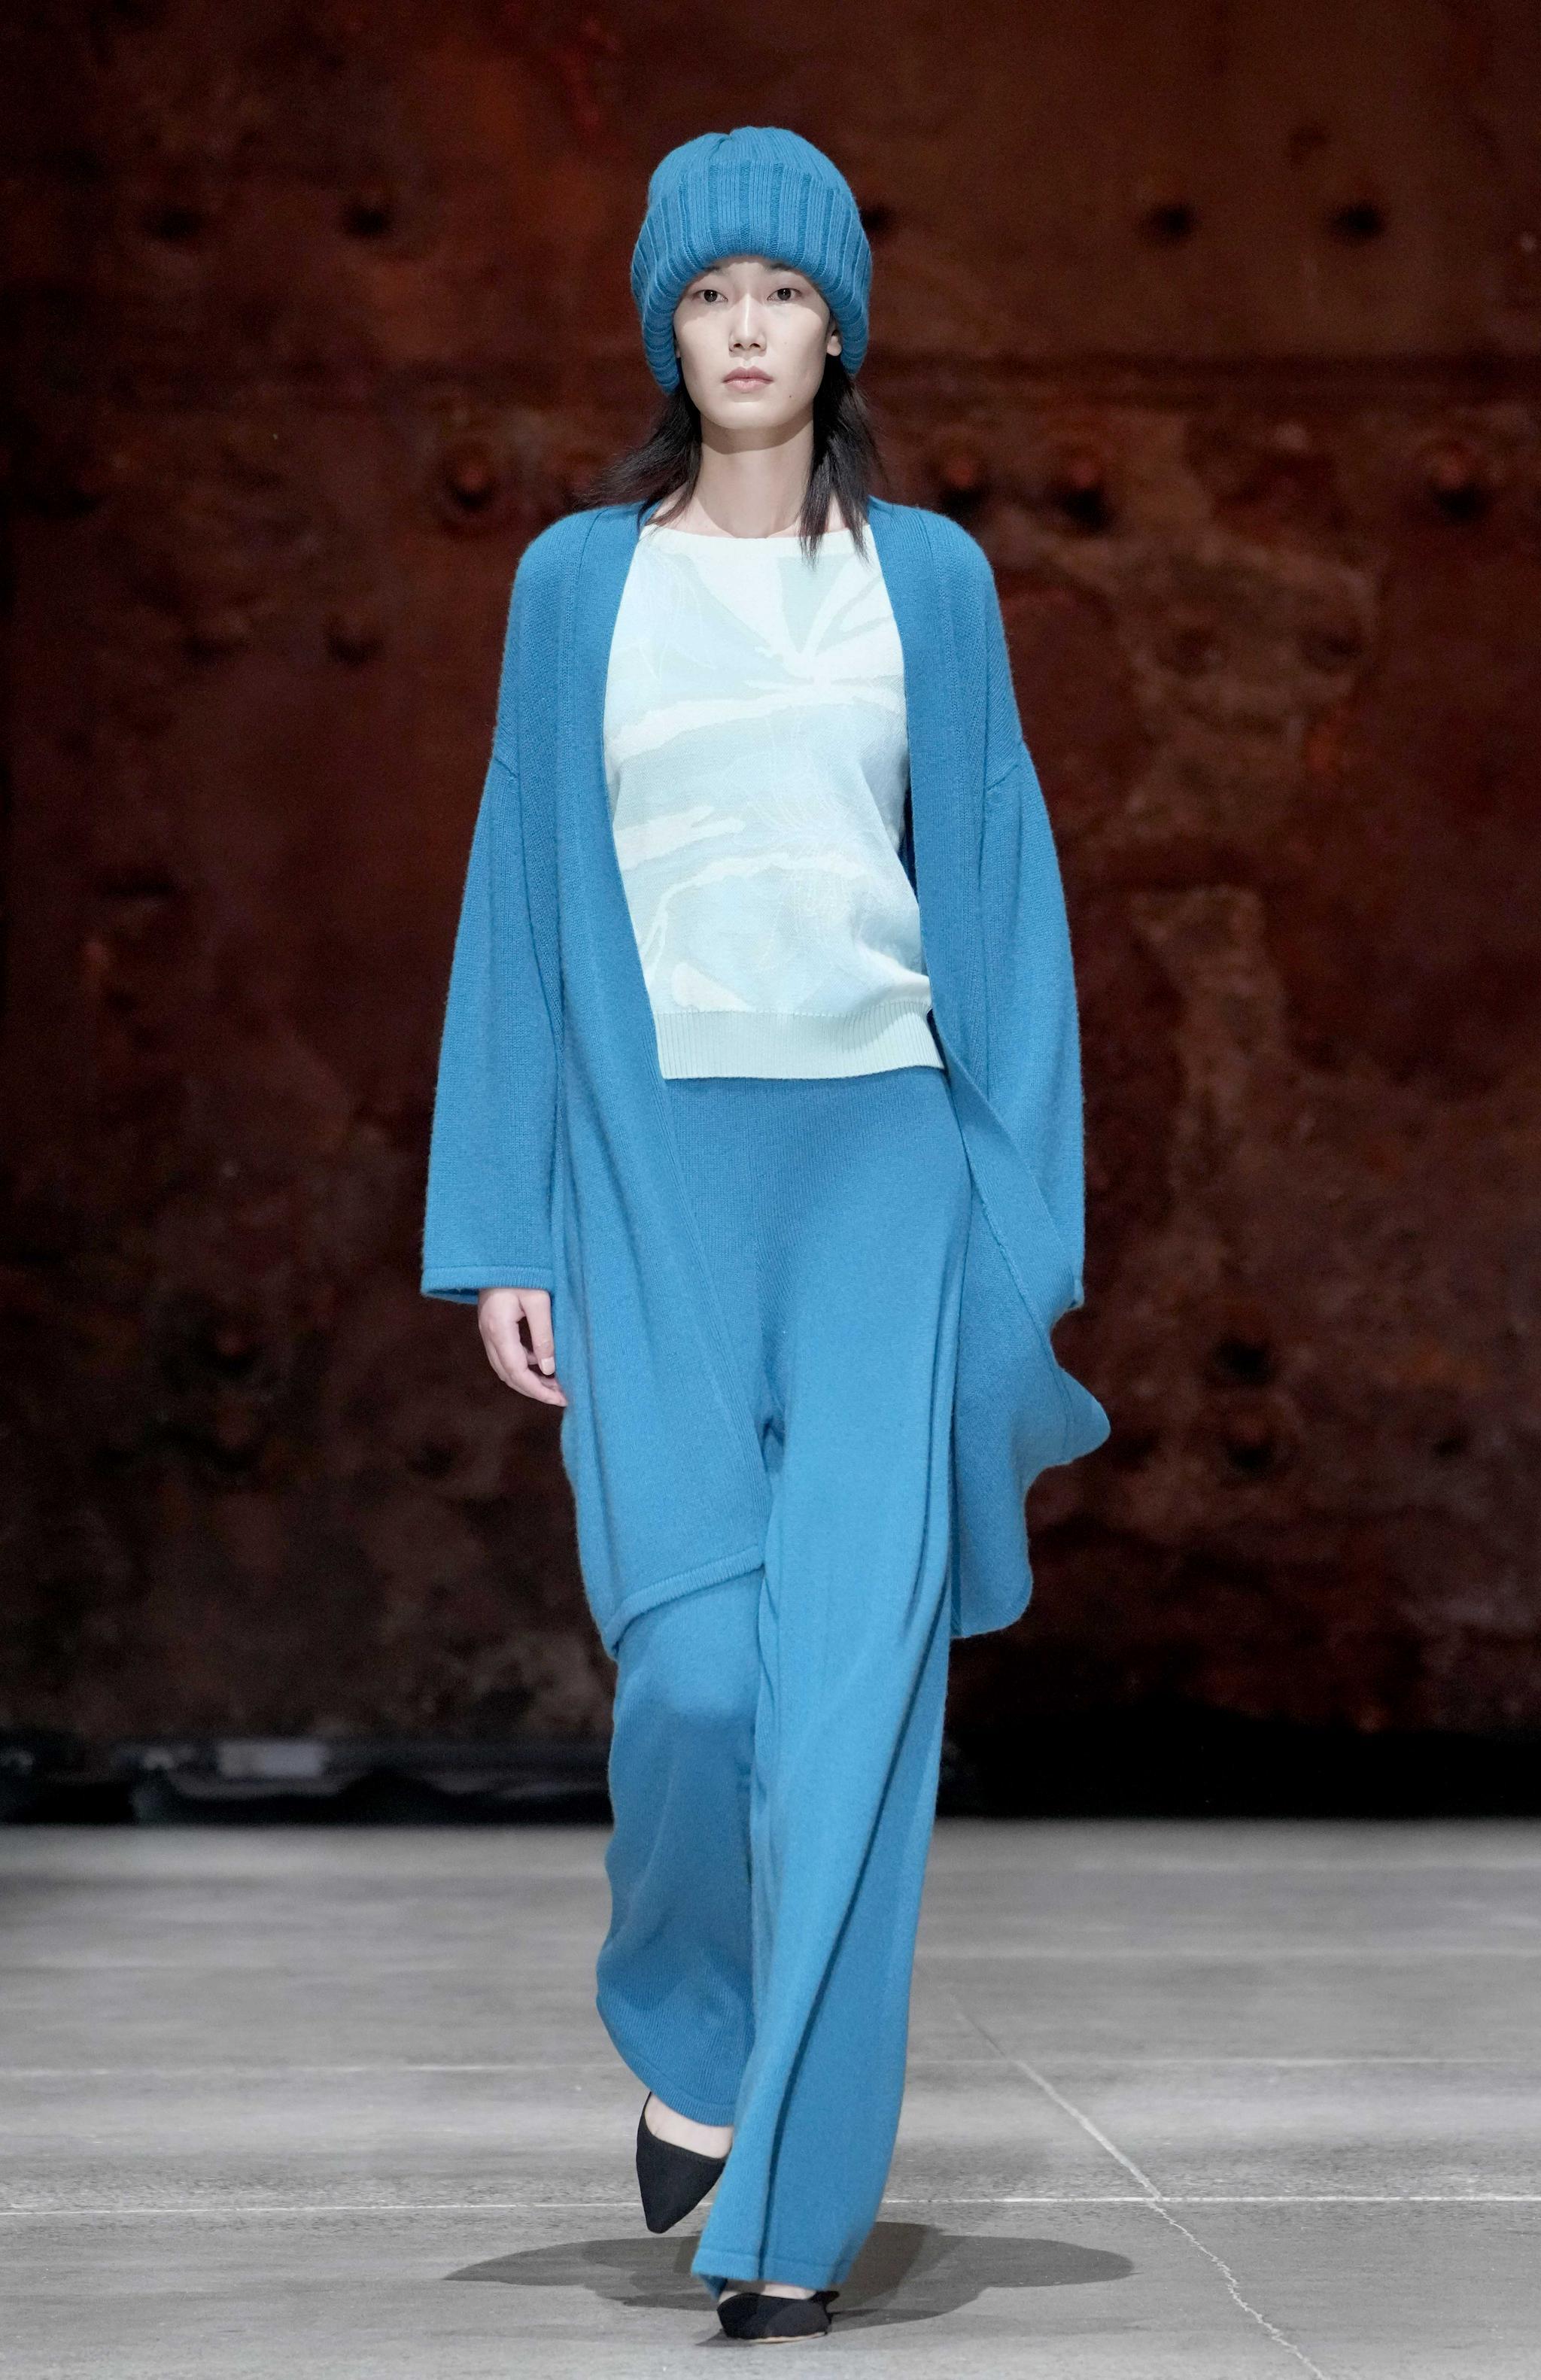 北京时装周上演雪莲羊绒时尚秀